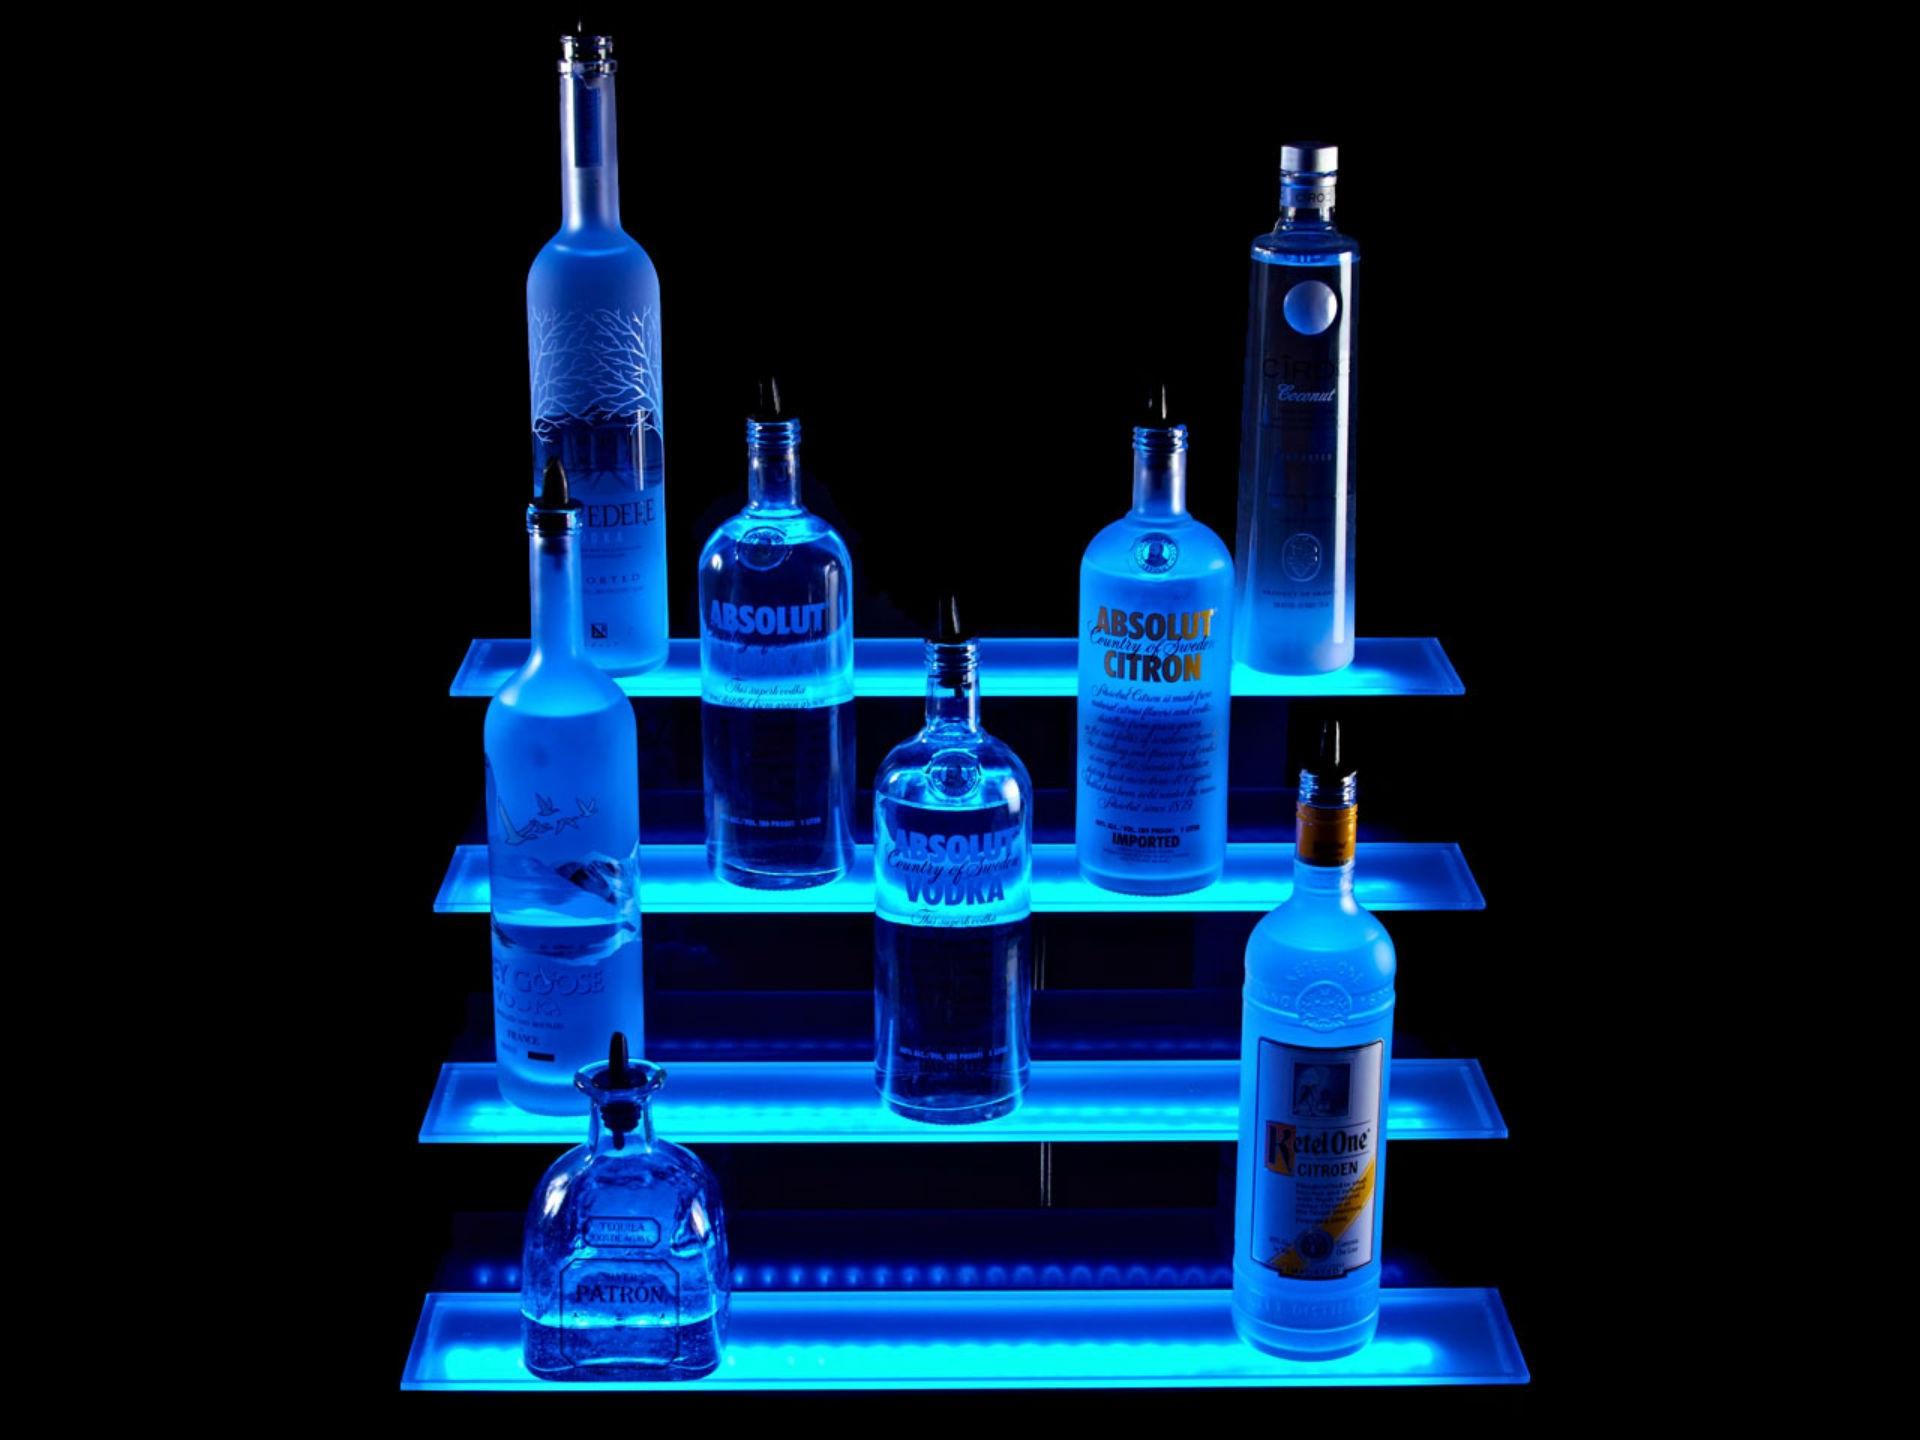 h\u00ecnh \u1ea3nh : chai, m\u00e0u xanh da tr\u1eddi, Chai, \u0111\u1ed3 u\u1ed1ng, \u0110\u1ed3 u\u1ed1ng ch\u01b0ng c\u1ea5t, \u0111\u00e8n LED, K\u1ec7 r\u01b0\u1ee3u, D\u1ea3i c\u00f3 ...